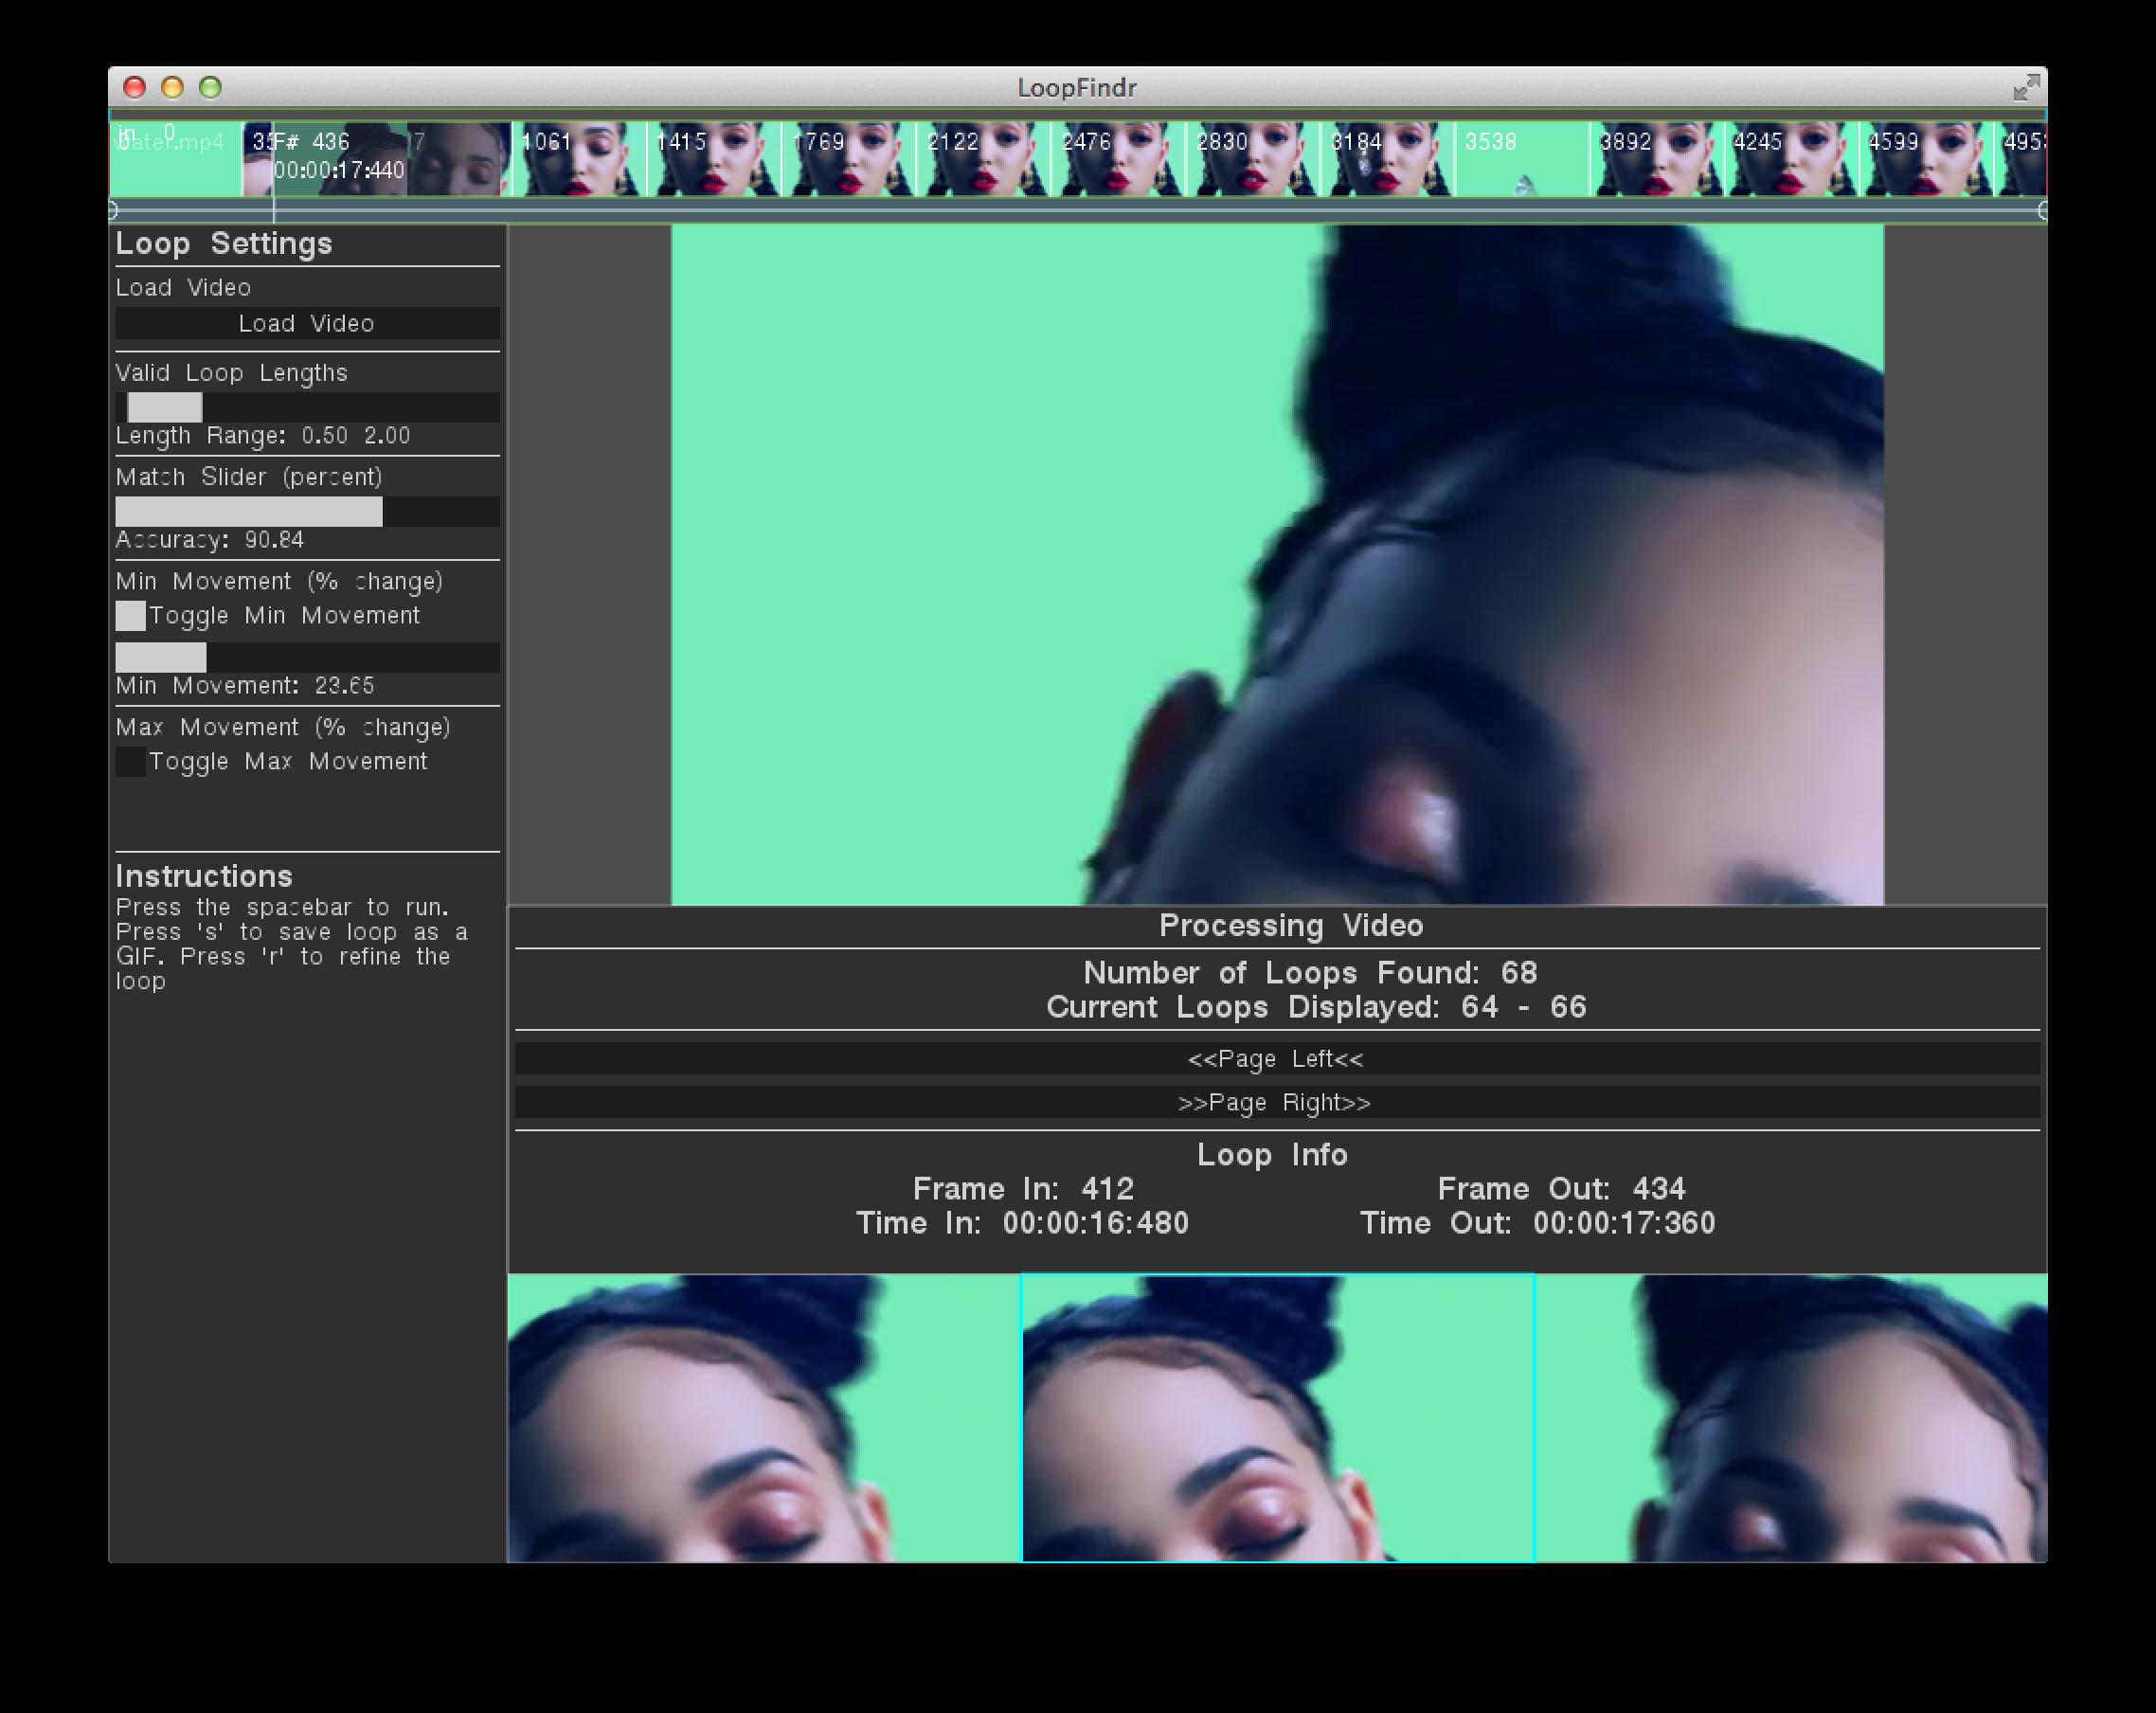 loopFindr v3 Screen 2